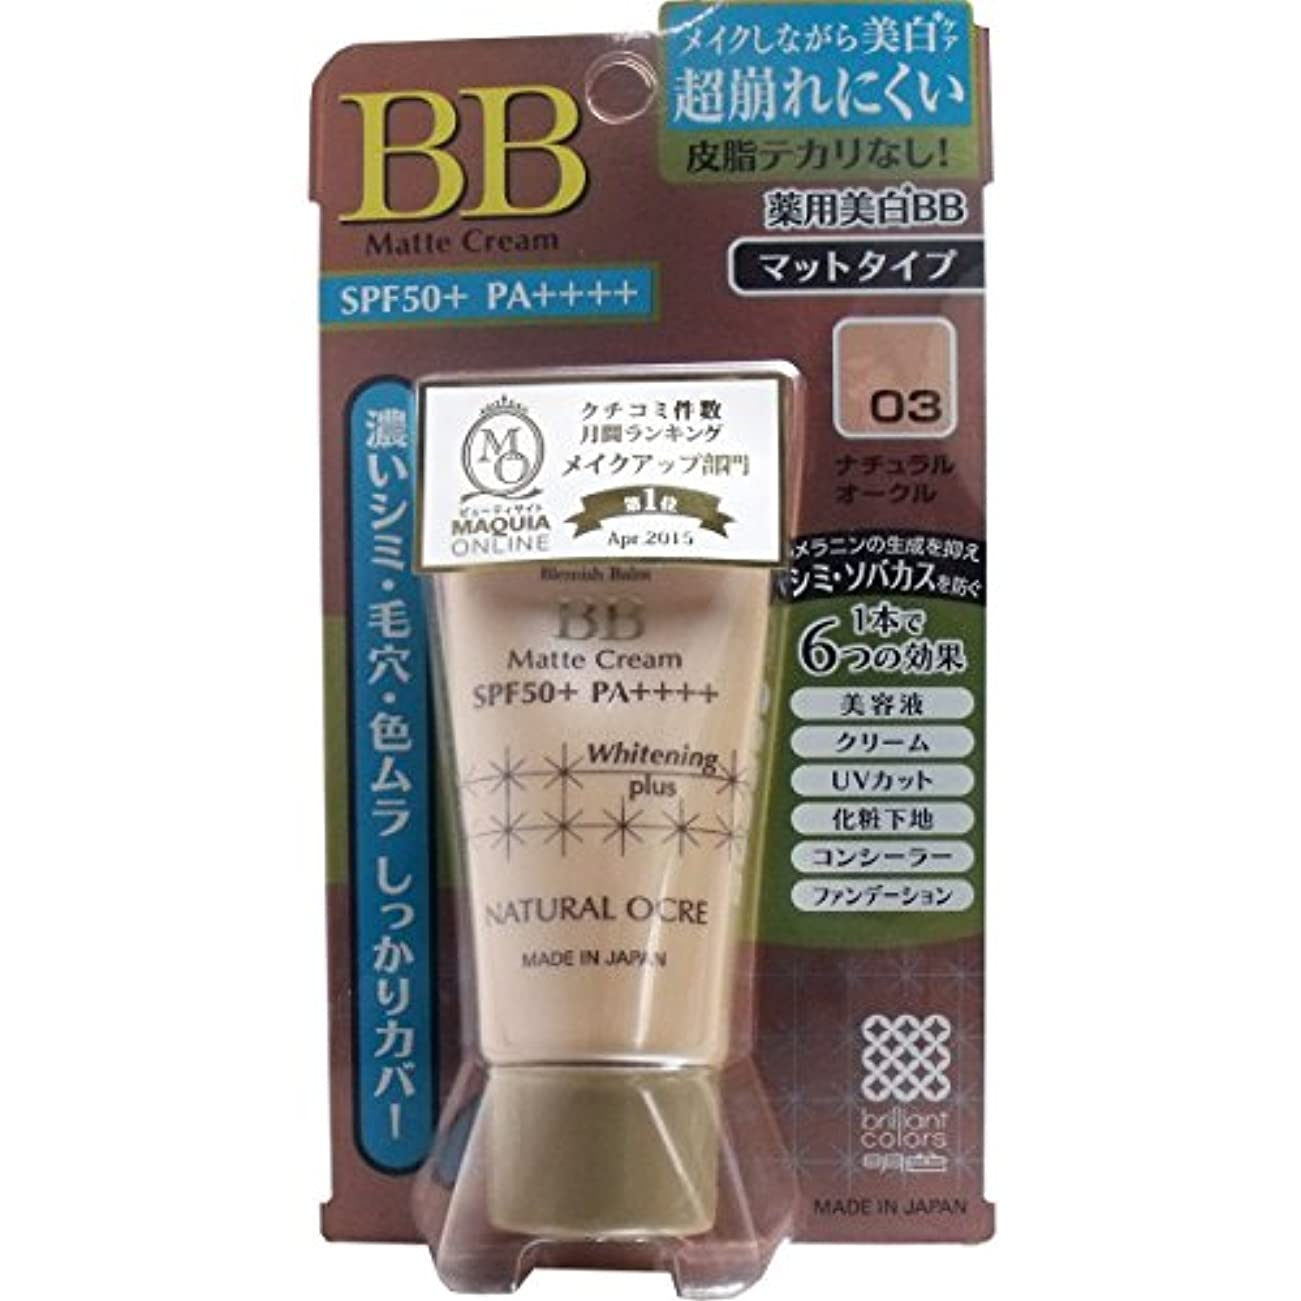 製造業調子意識的明色化粧品 モイストラボ BBマットクリーム SPF50+ PA++++ 33g ナチュラルオークル (在庫)